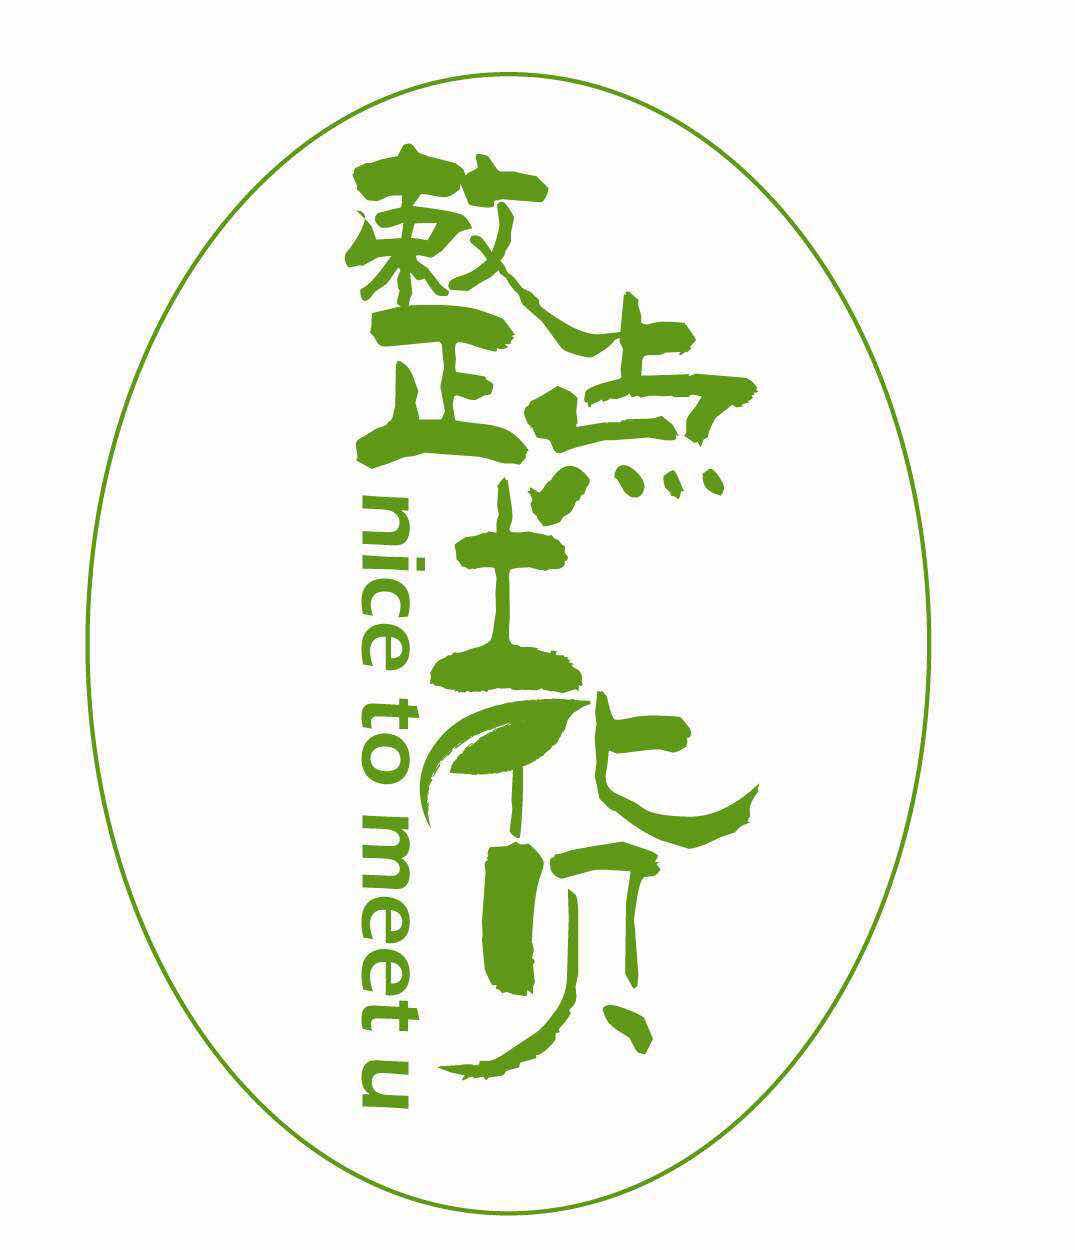 约会logo设计公司分享展示